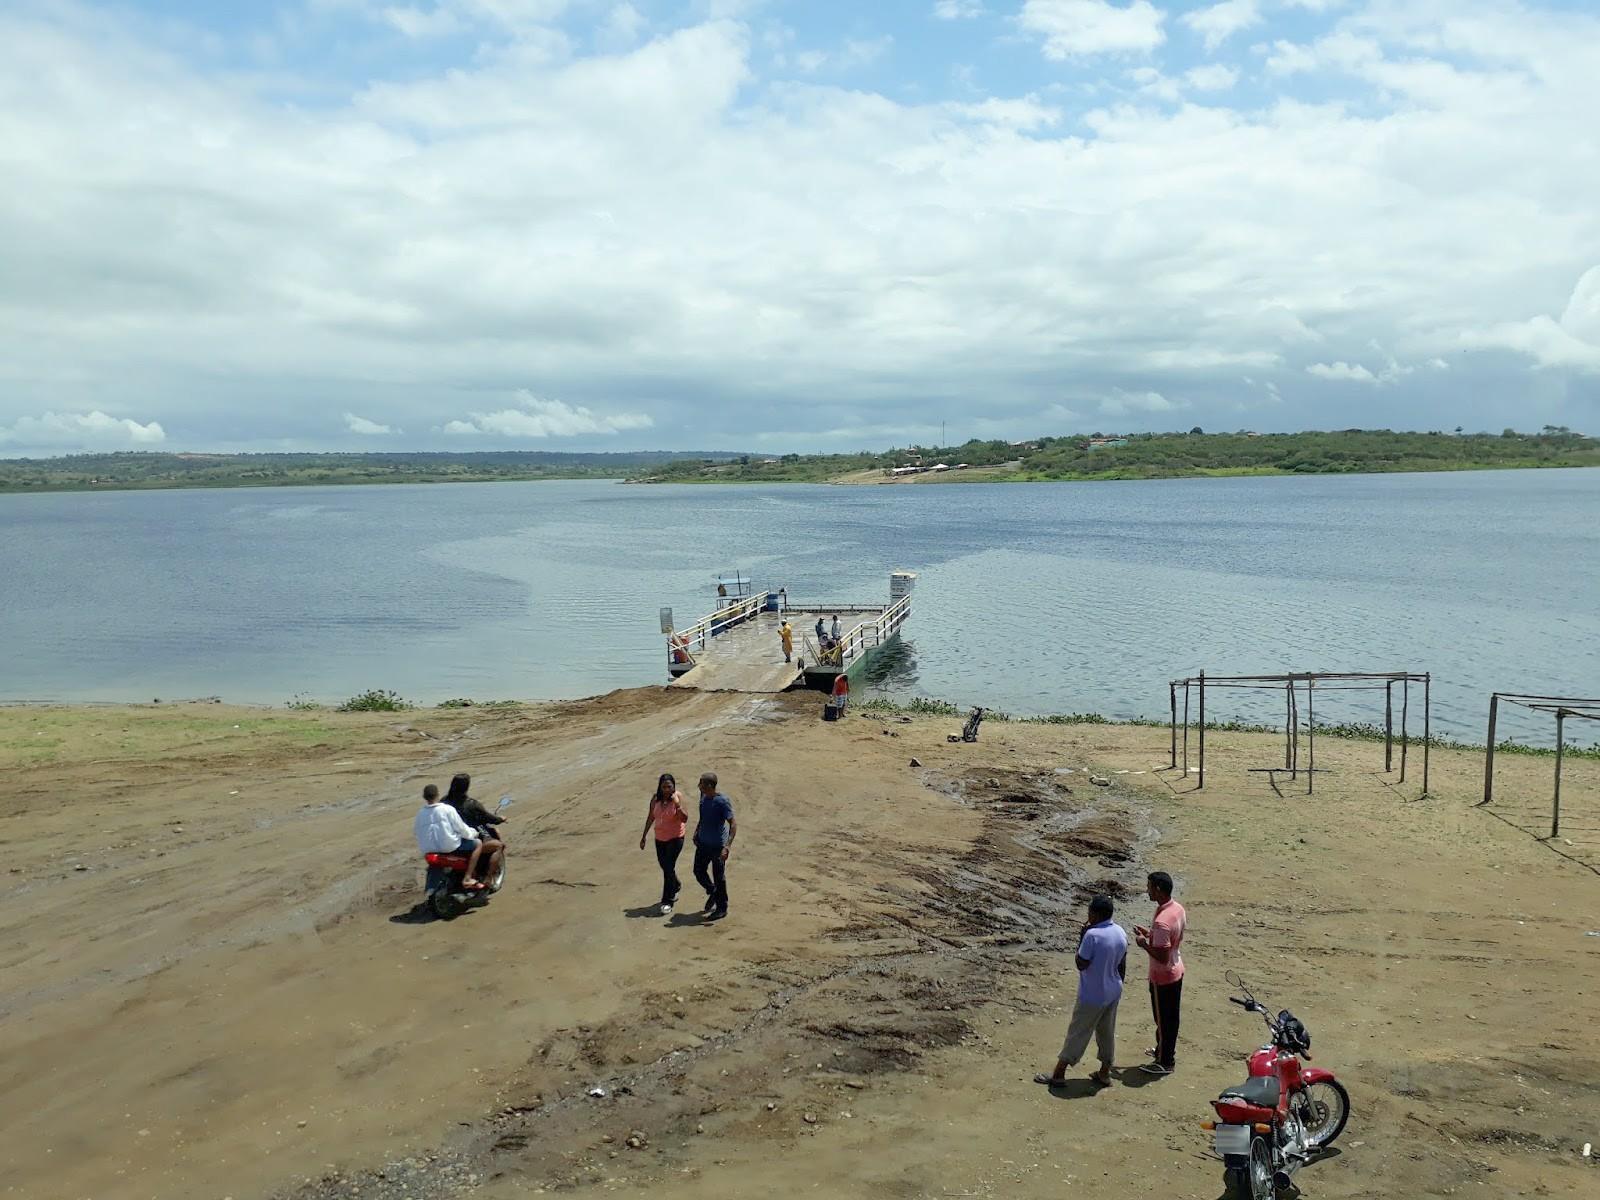 Bombeiros e Marinha ampliam área de buscas, mas não encontram crianças e adulto que sumiram após embarcação virar na Bahia